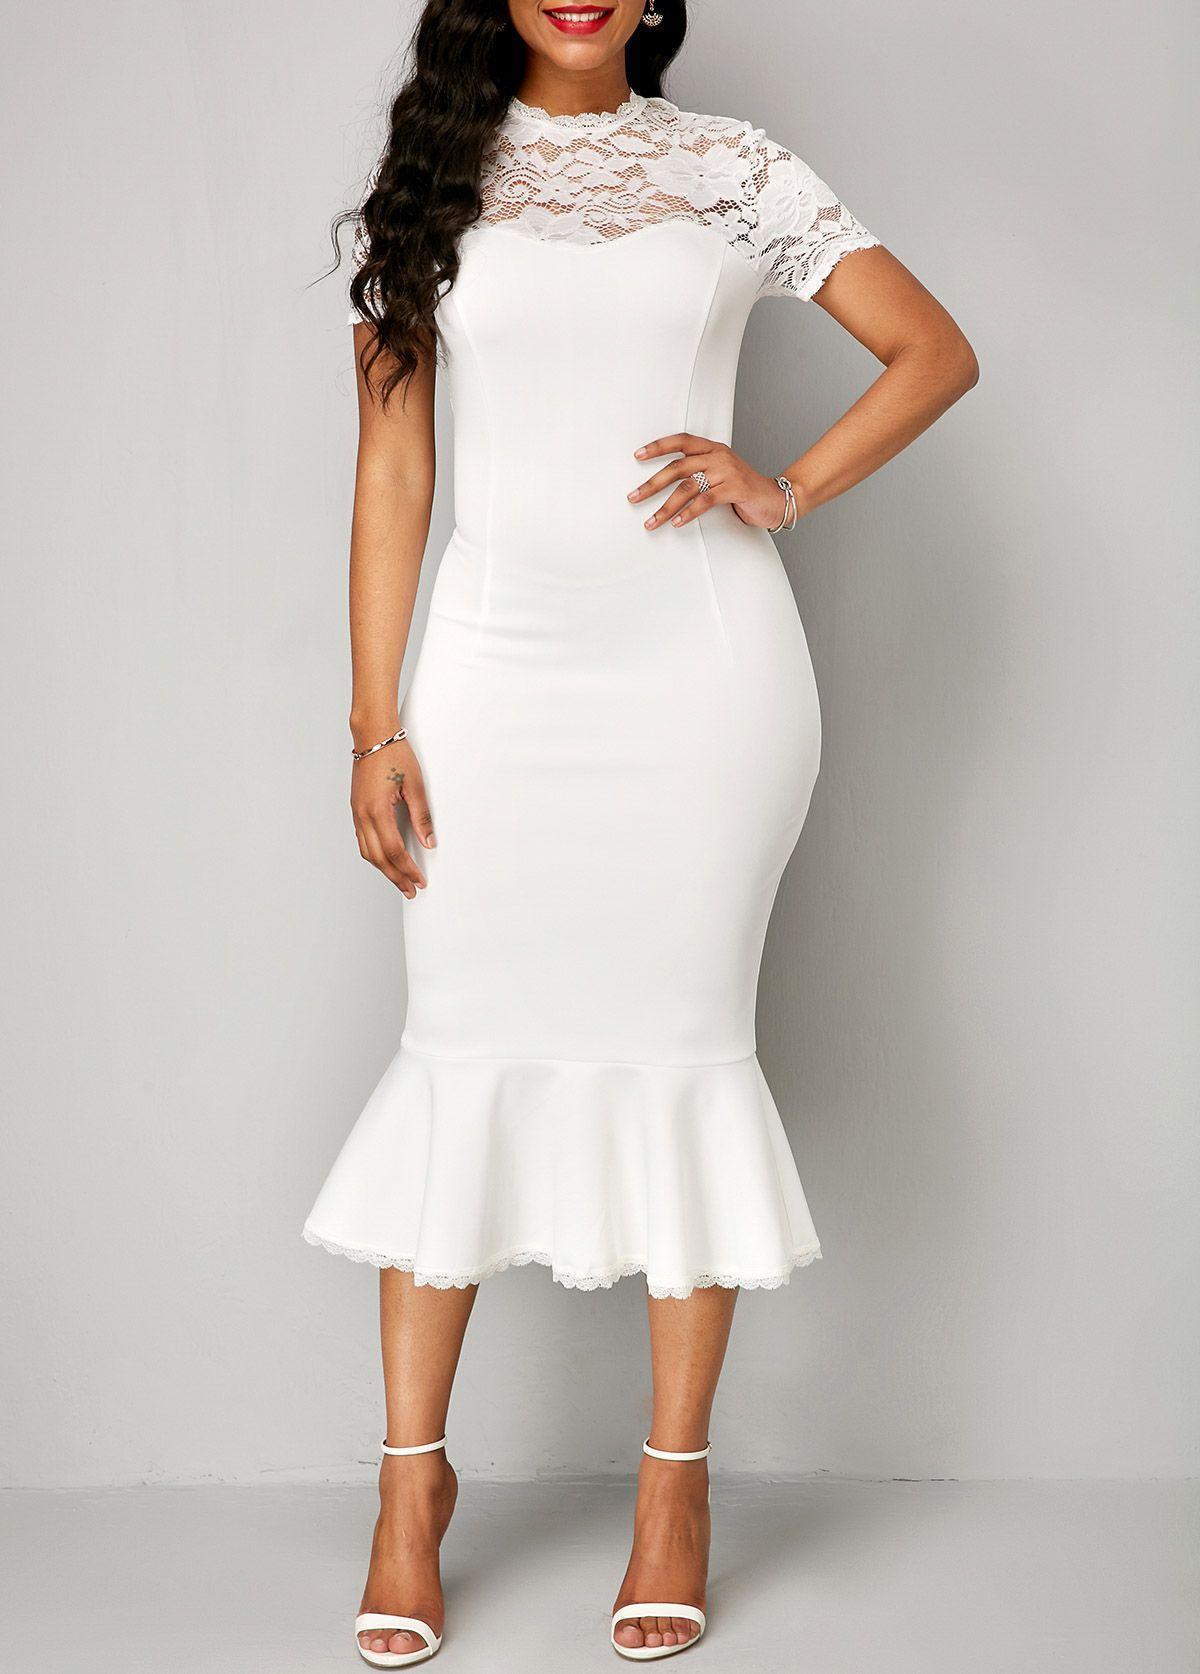 Lace panel peplum hem white sheath dress